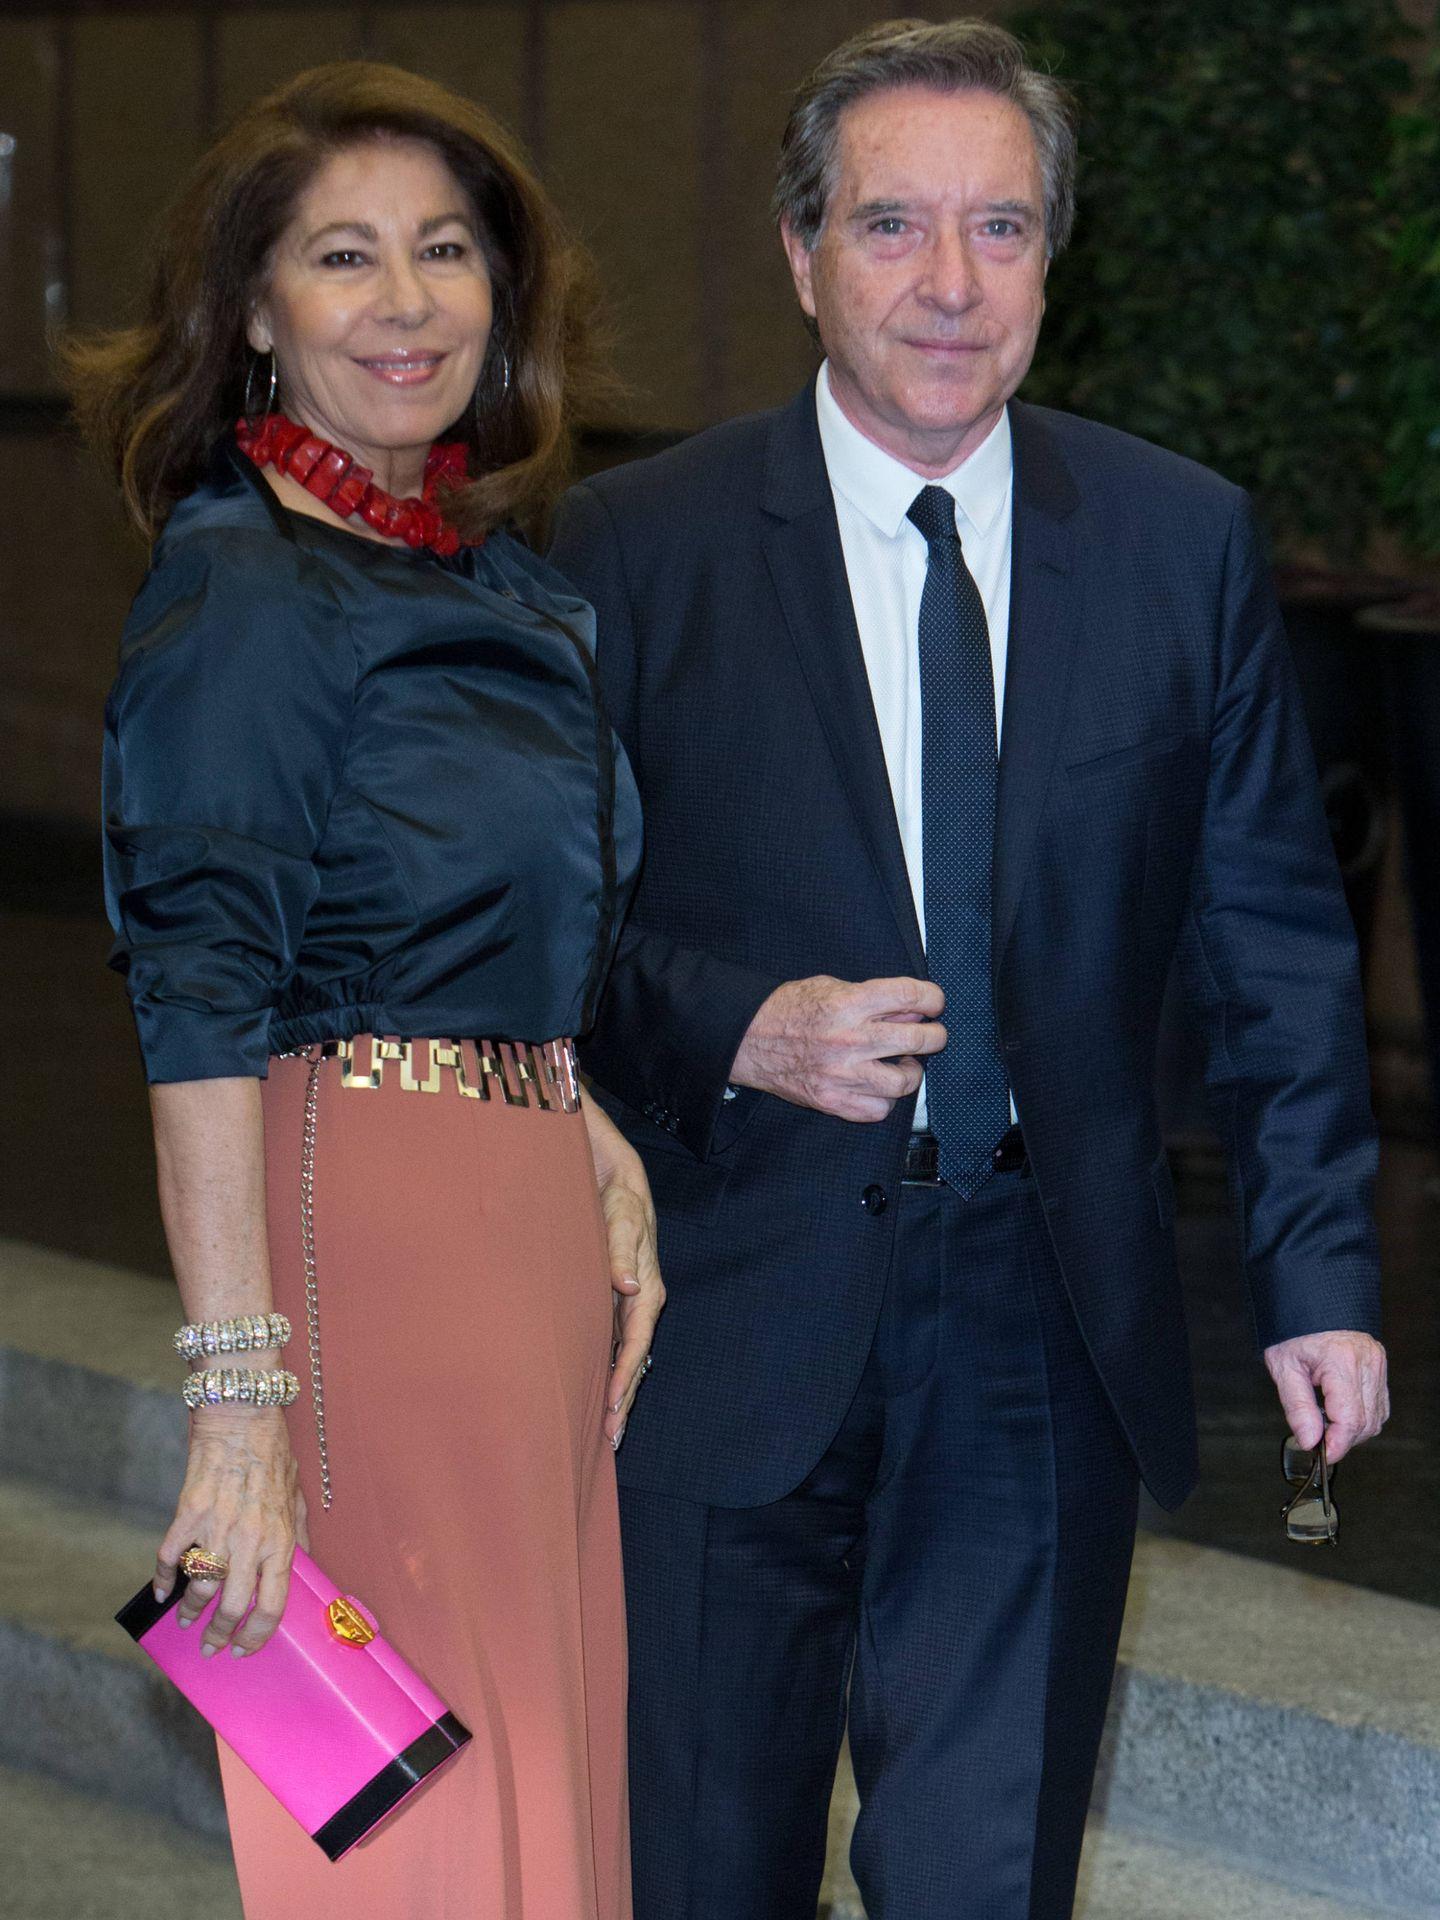 Lola Carretero e Iñaki Gabilondo, en el cumpleaños de Mario Vargas Llosa. (Getty)